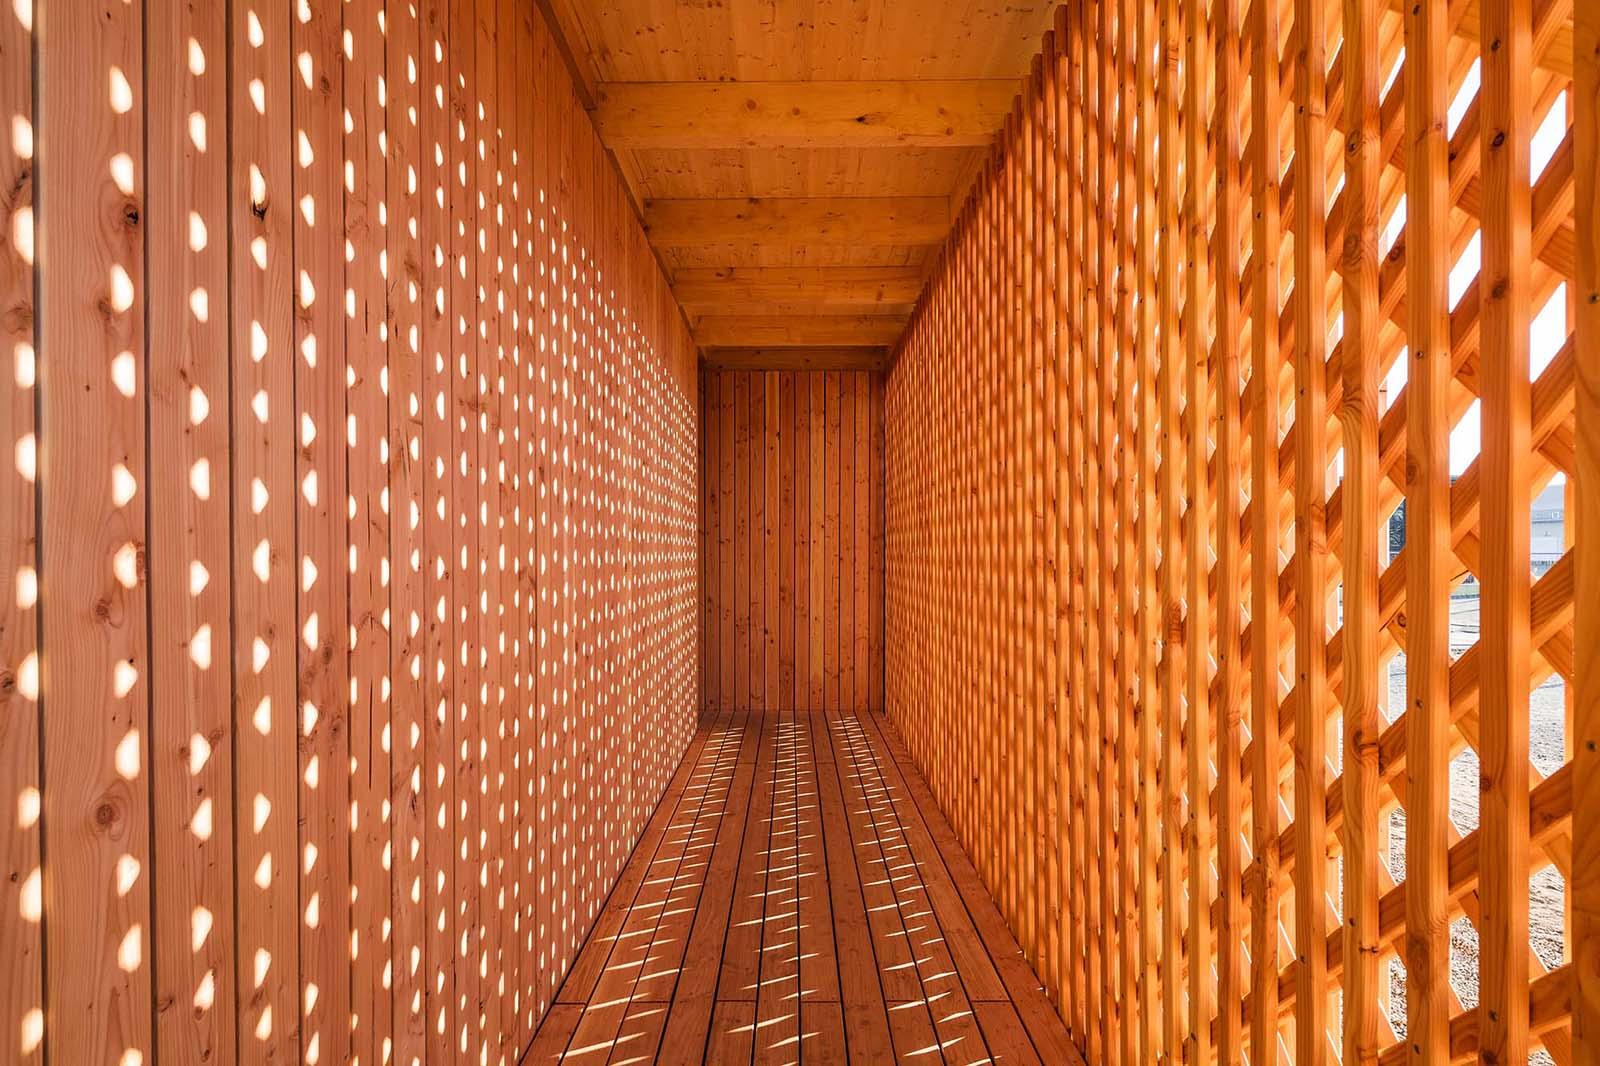 Gemeinschaftshaus Spinelli.  Atmosphärische Ornamentik im Eingangsbereich.